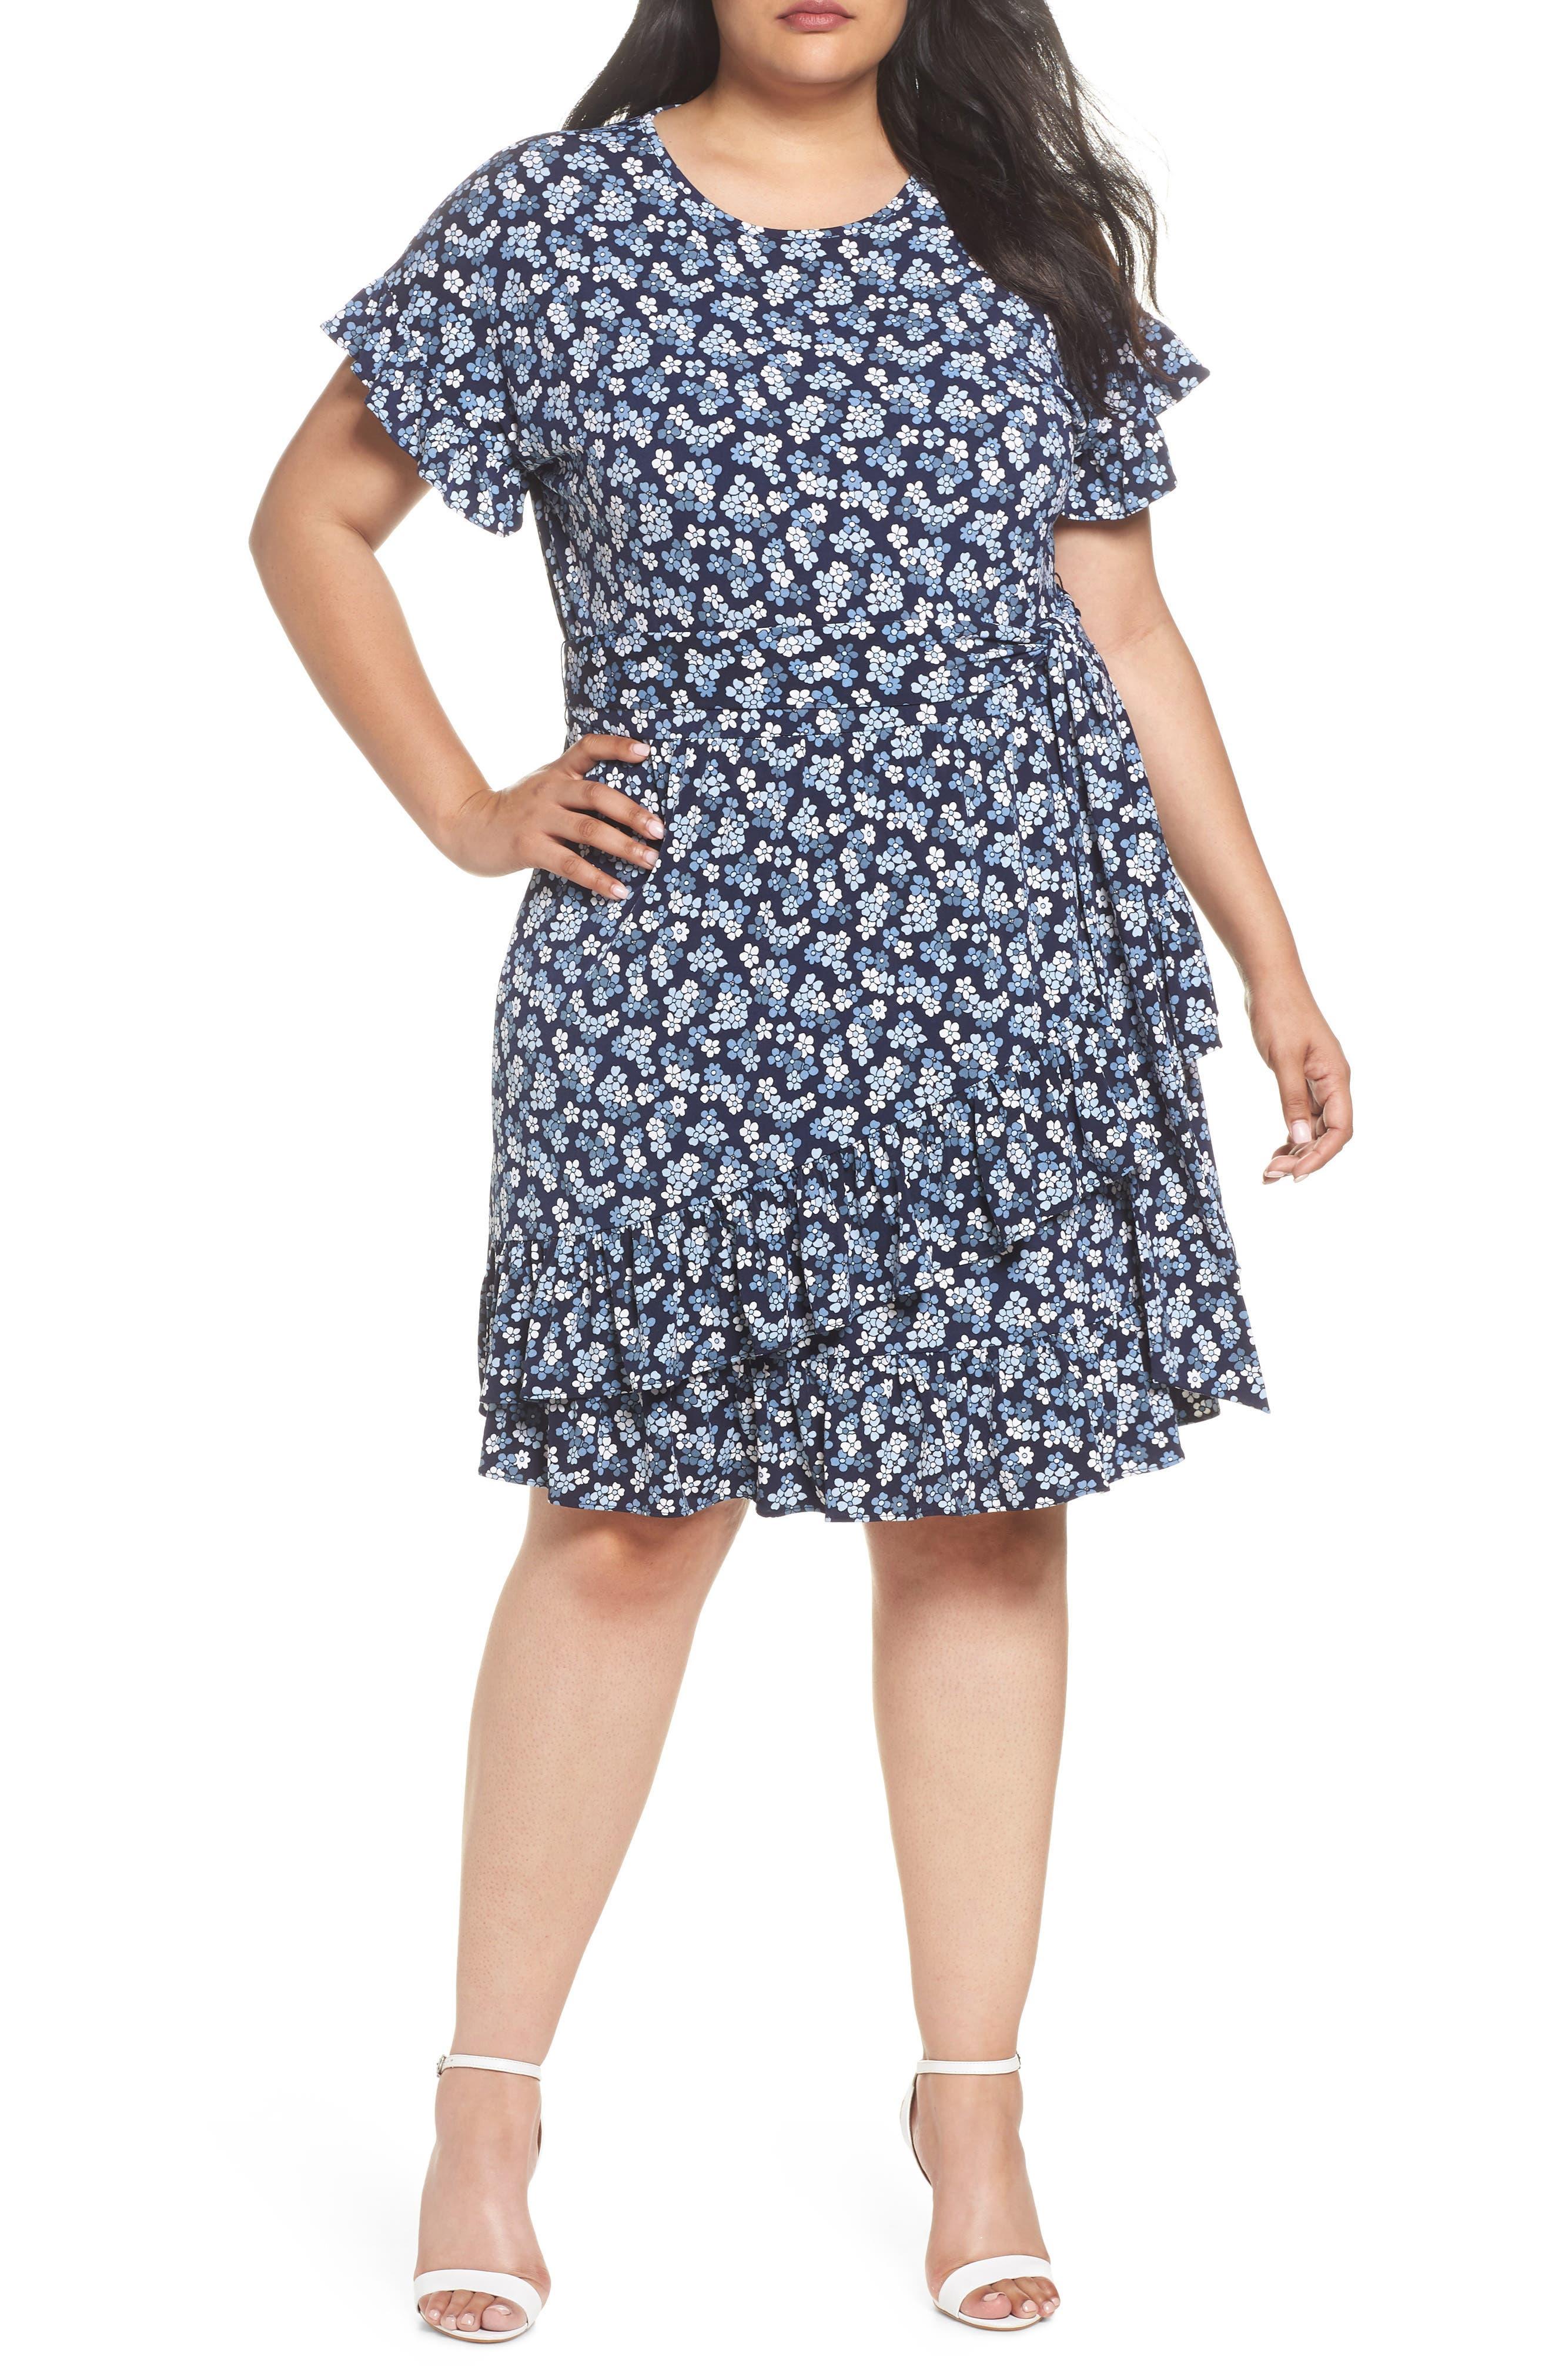 Cherry Blossom Ruffle Faux Wrap Dress,                         Main,                         color, True Navy/ Light Chambray